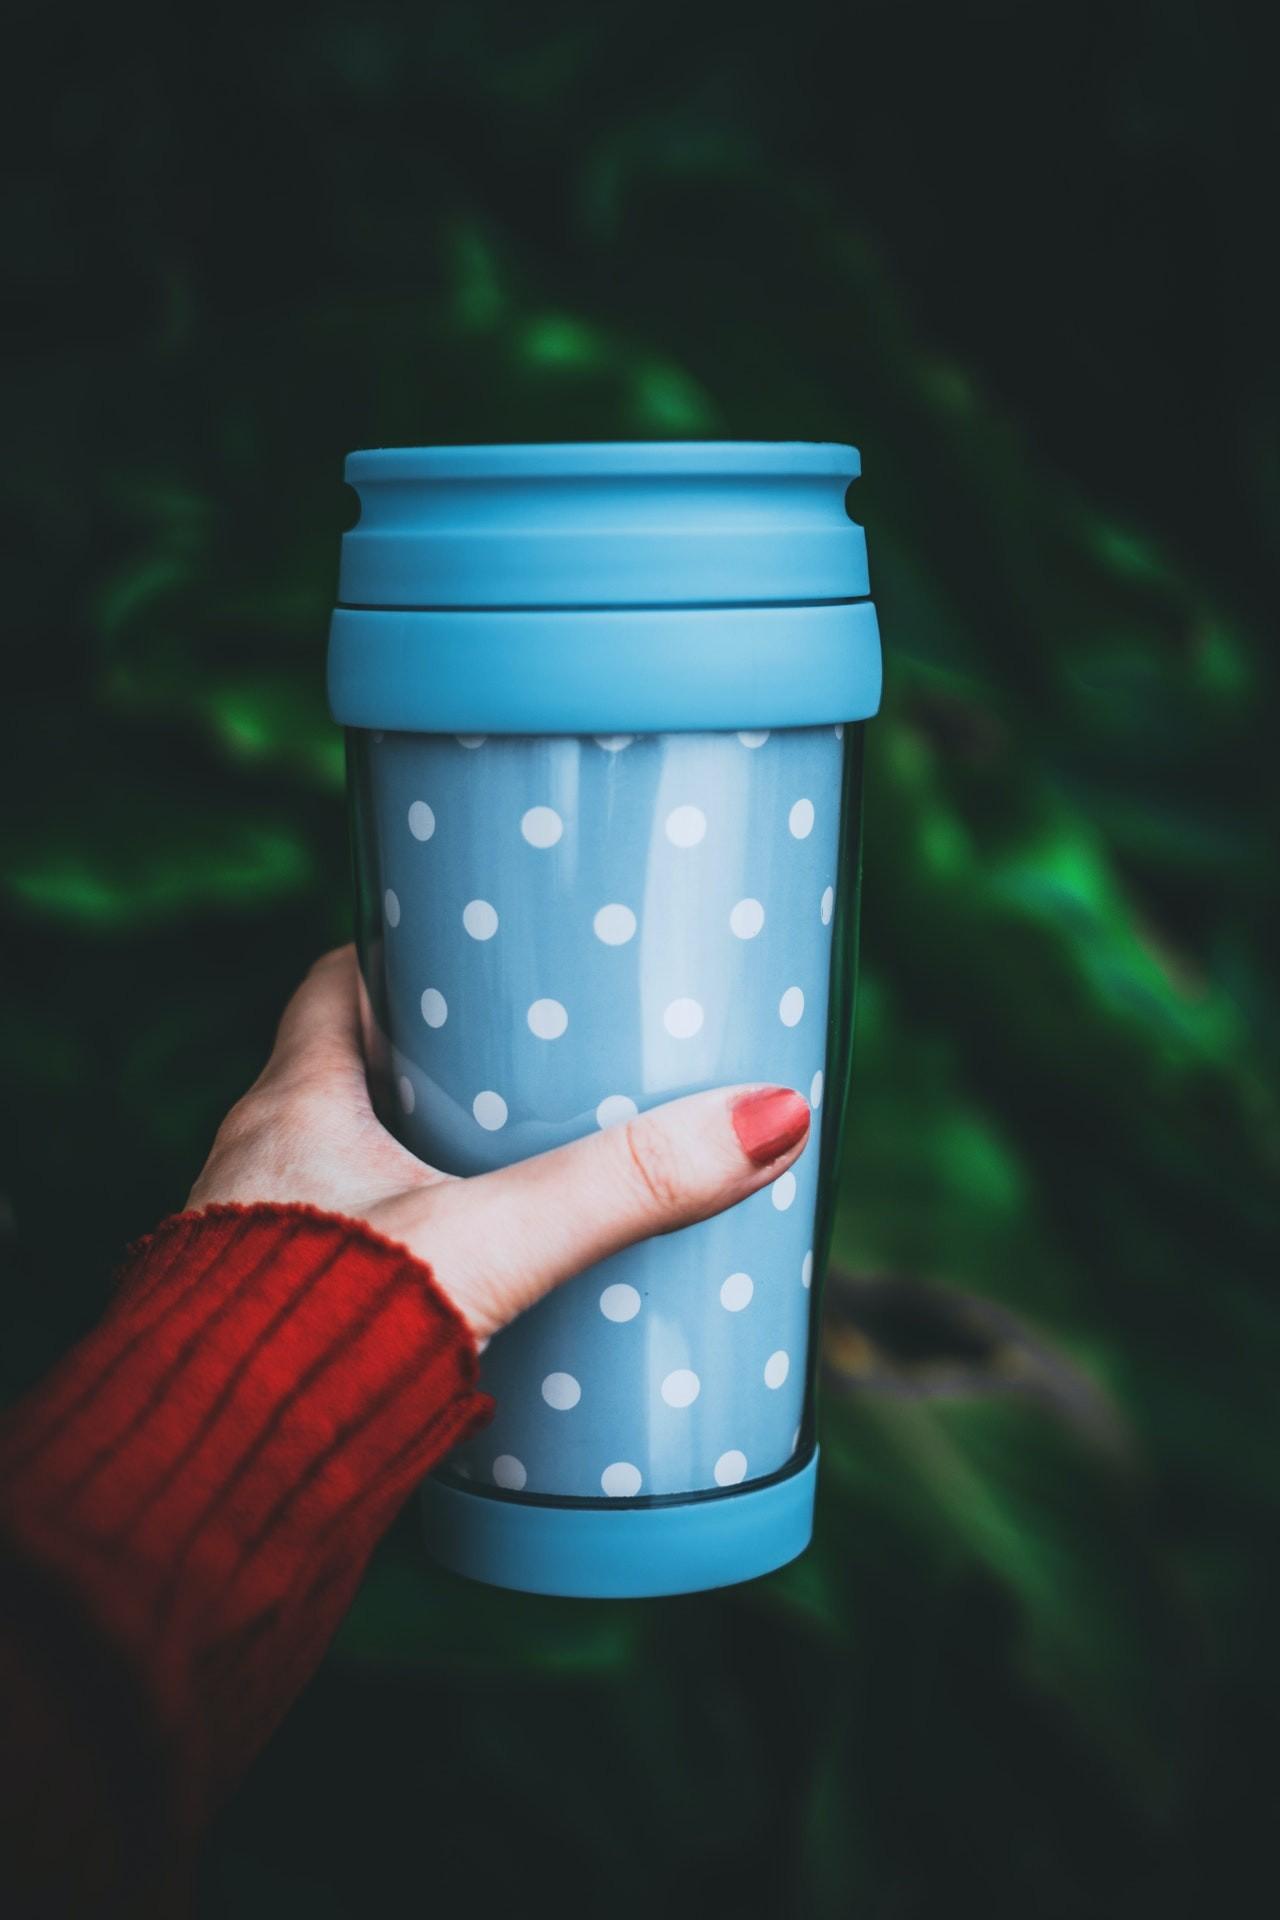 Kaffee to go Becher gibt es in vielen unterschiedlichen Farben und Formen. Außerdem gibt es Anbieter, bei denen man sich einen eigenen Becher gestalten kann.